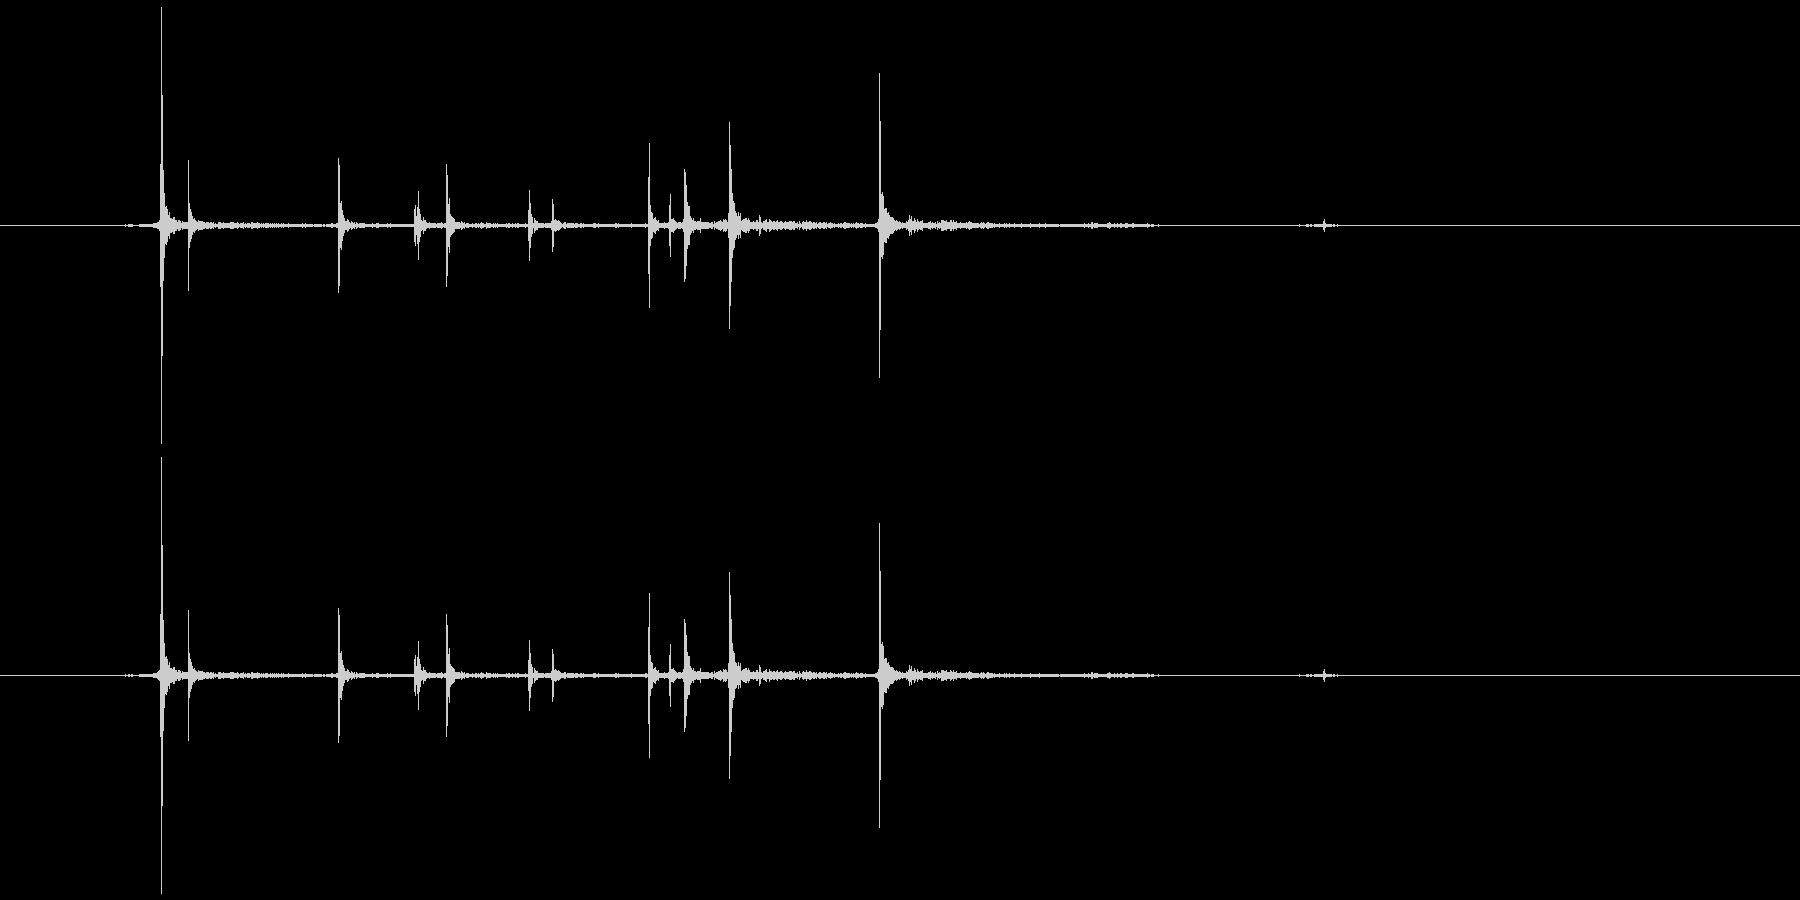 カチャ。キャップを開ける音Bの未再生の波形